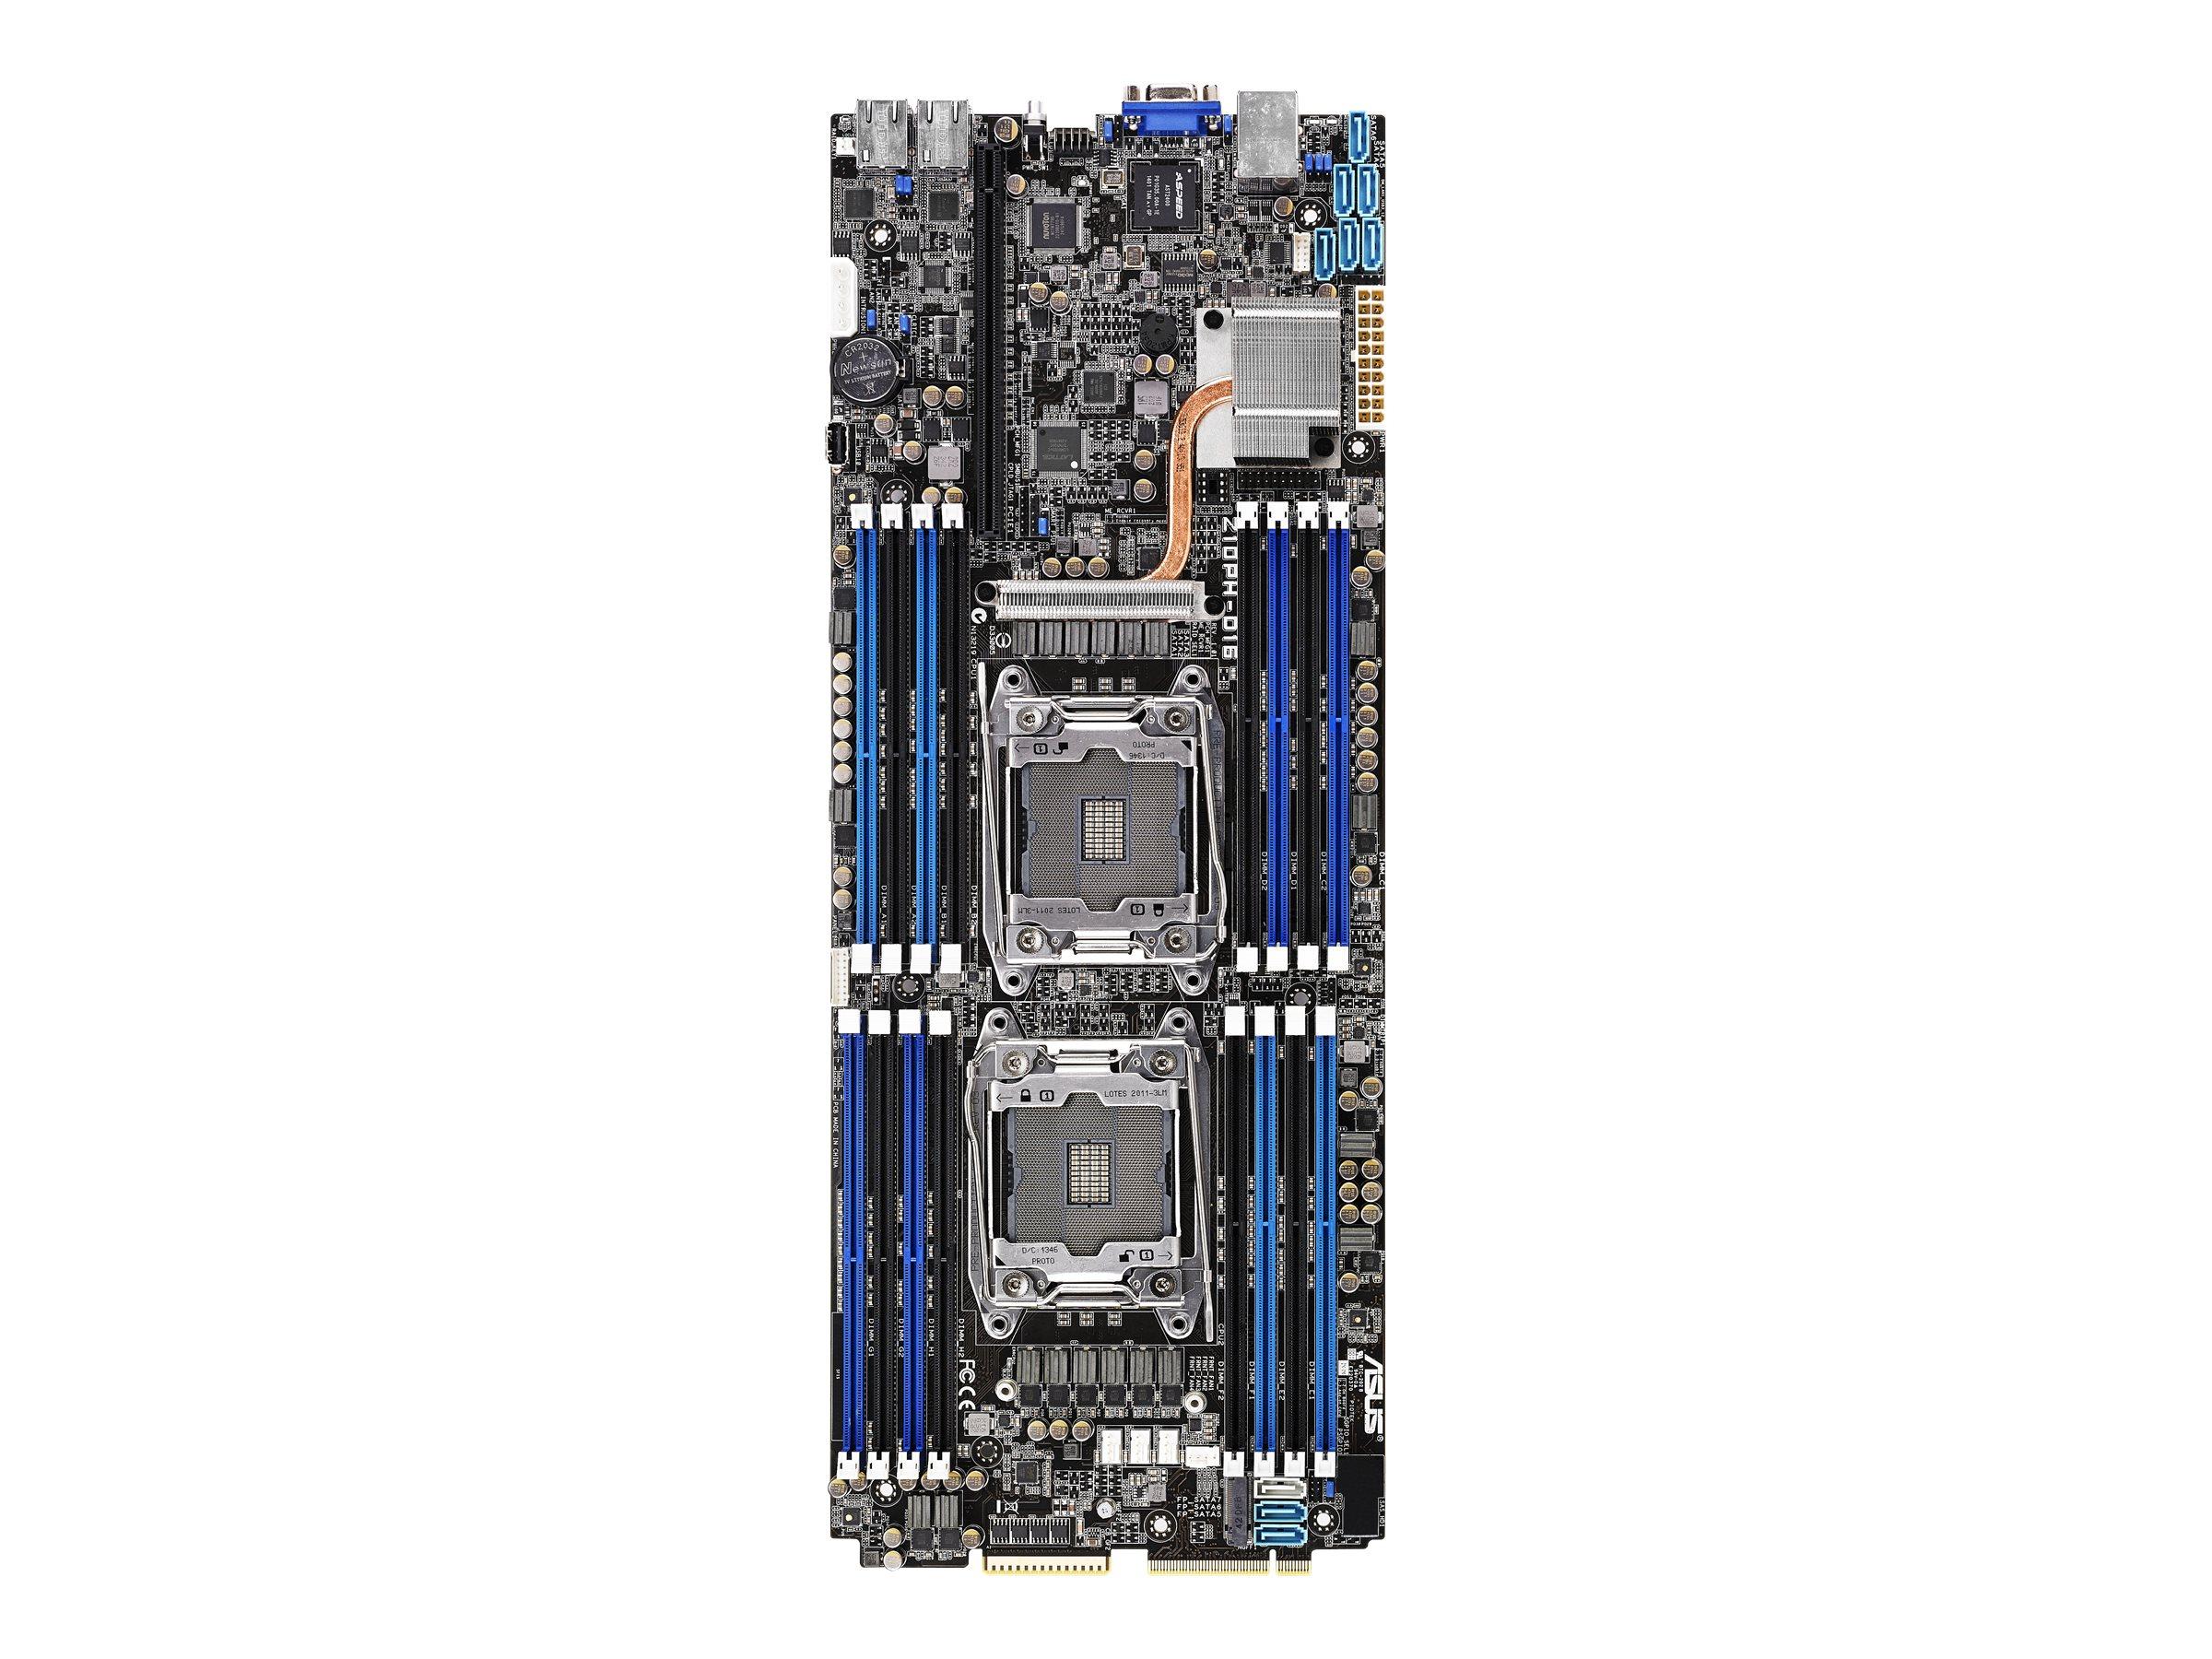 ASUS Z10PH-D16 - Motherboard - Half SSI - LGA2011-v3-Sockel - 2 Unterstützte CPUs - C612